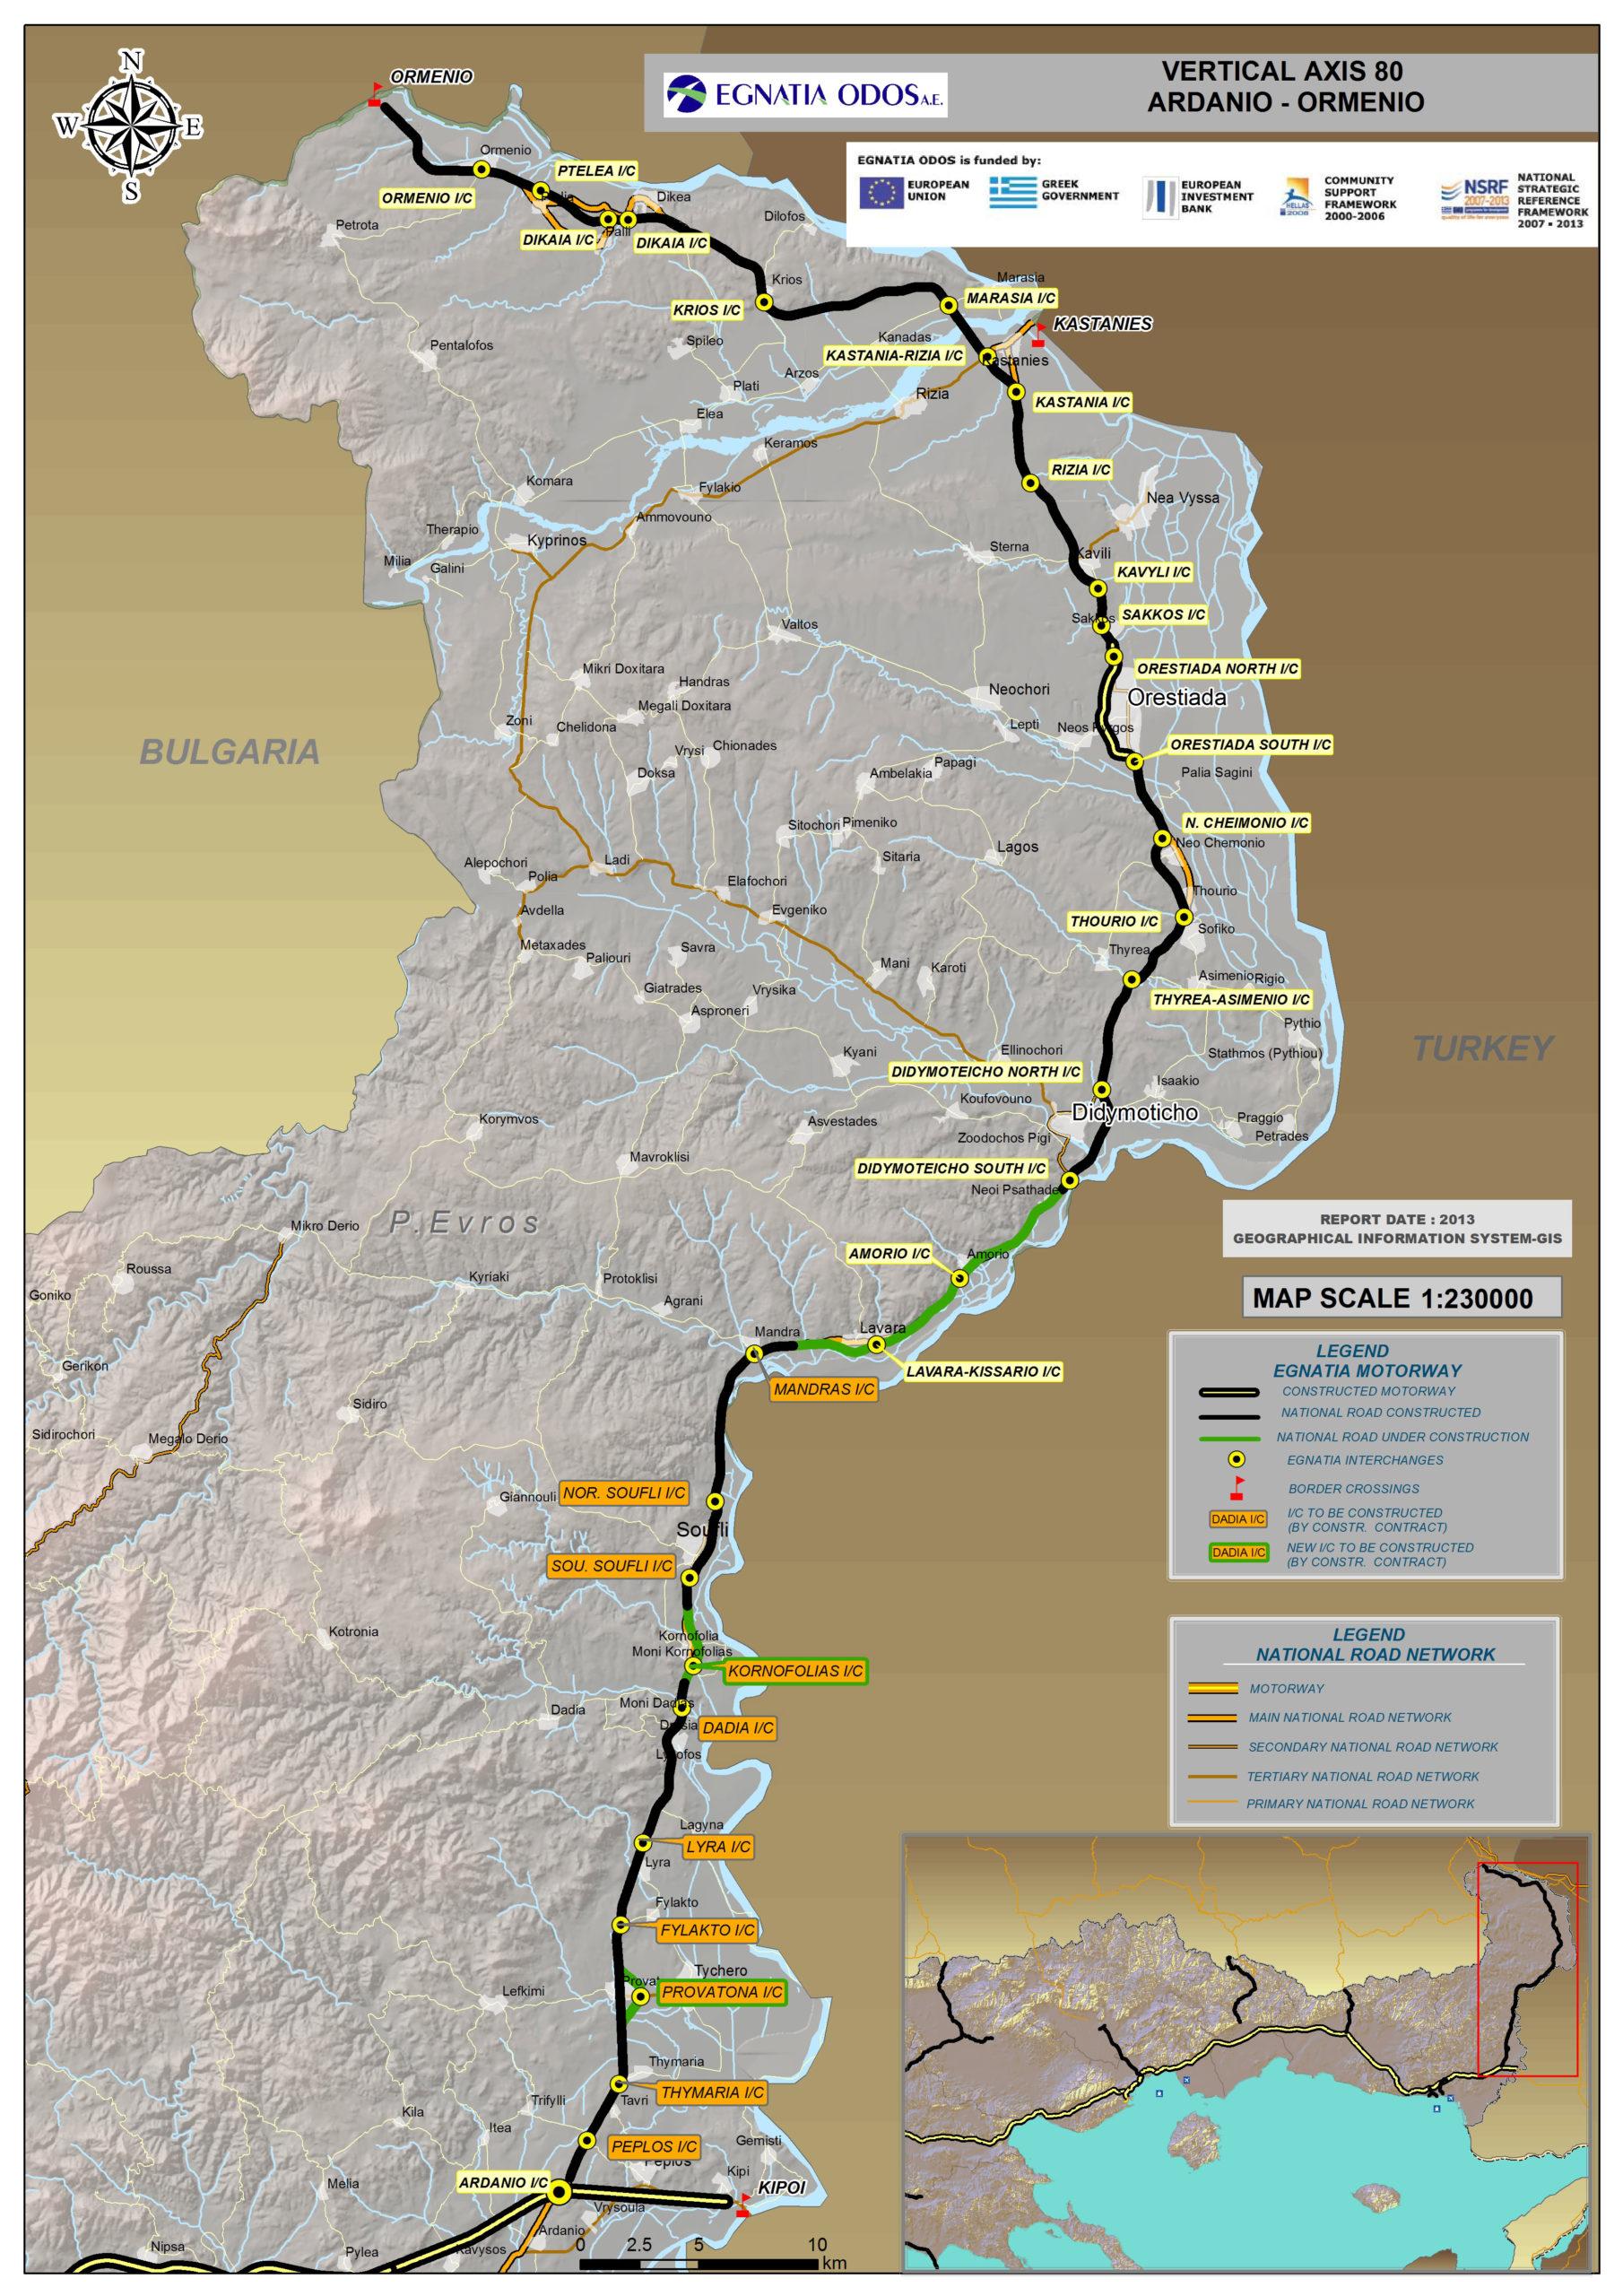 VA Ardanio-Ormenio-Greek-Bulgarian Borders